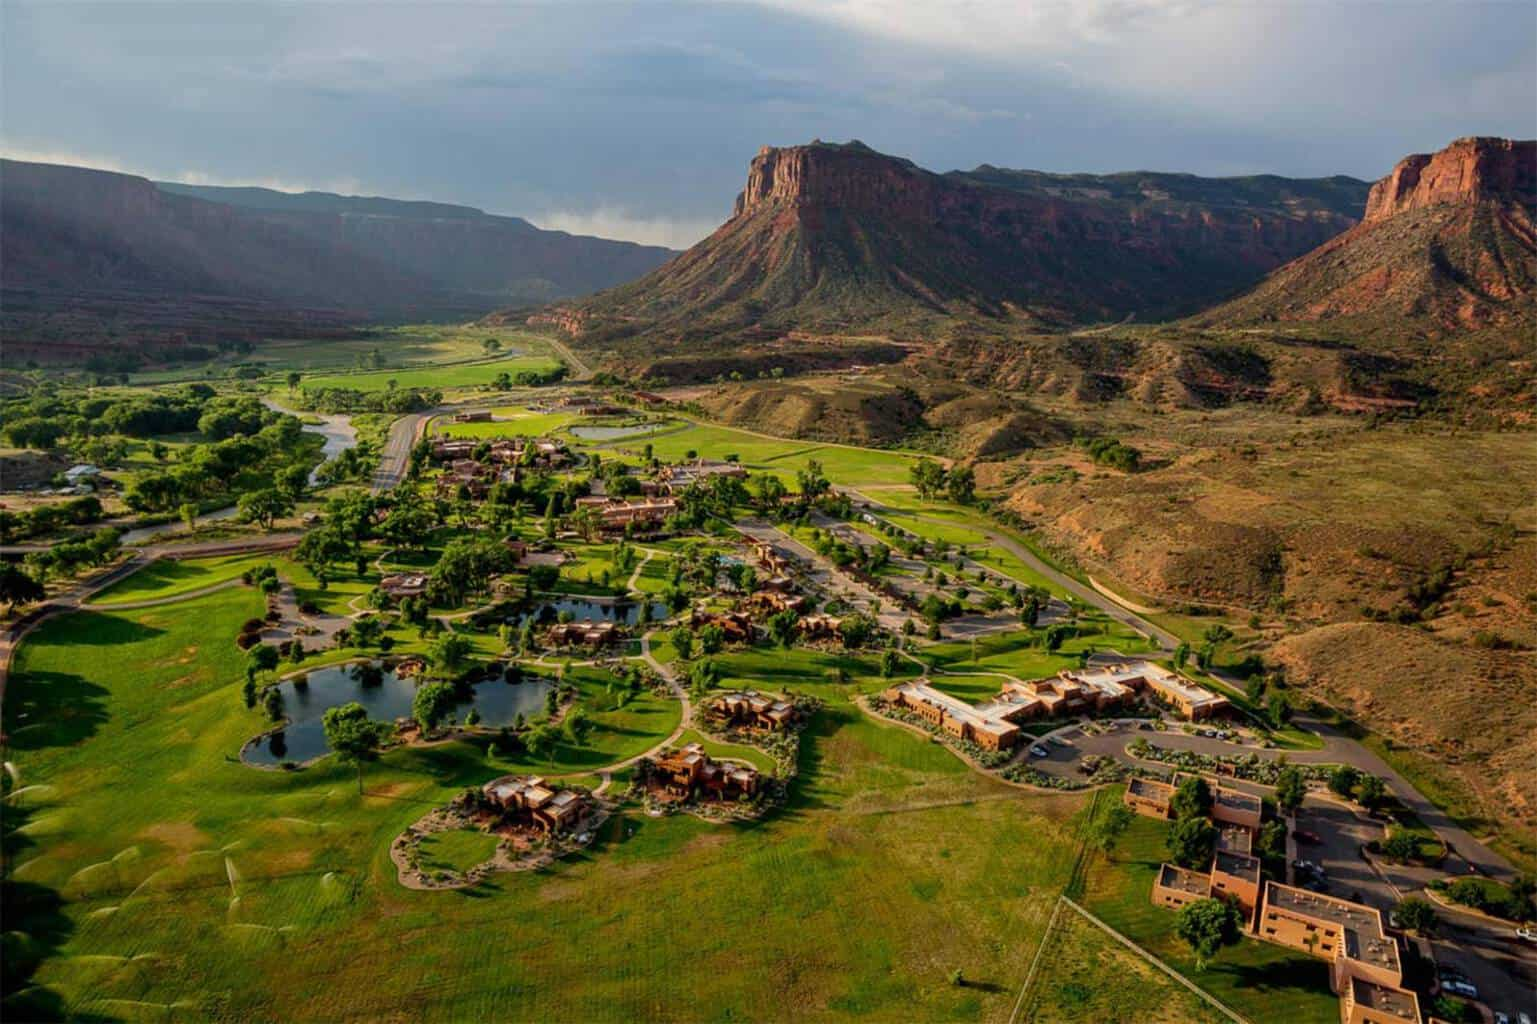 John Hendricks, creador de Discovery Channel, vende su deslumbrante propiedad inmobiliaria de 8.700 acres en Mesa, Colorado, por la ostentosa cifra de $279 millones, la propiedad en venta más cara de Estados Unidos